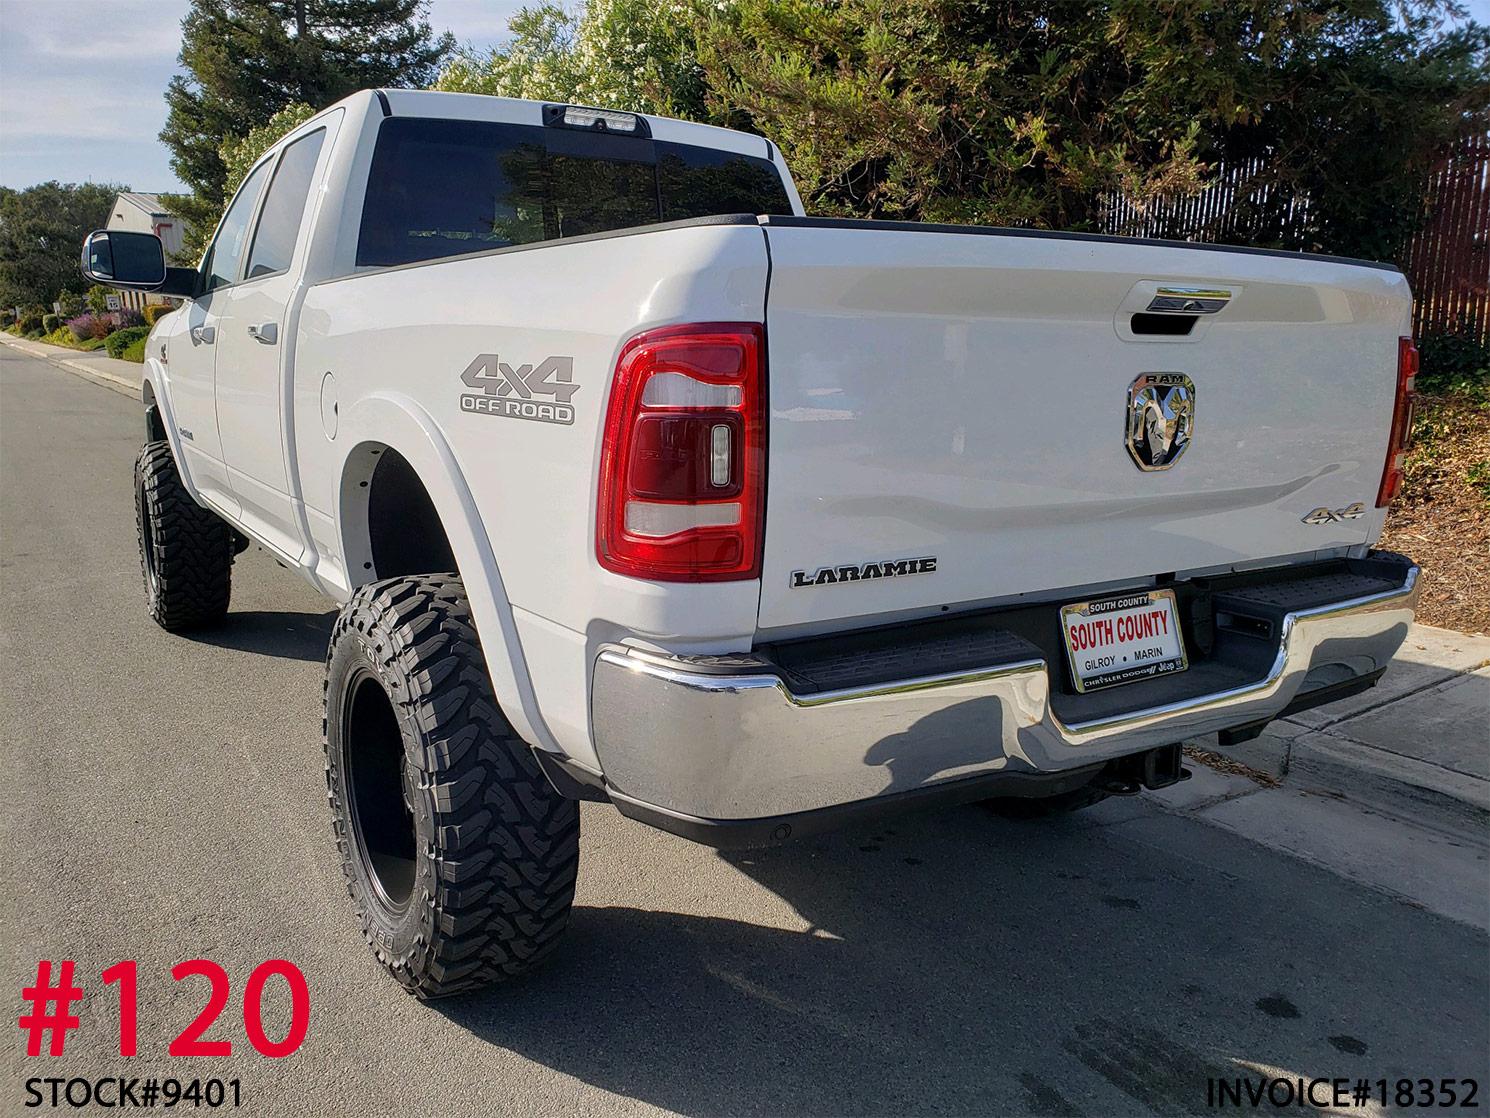 2019 RAM 2500 CREW CAB #9401